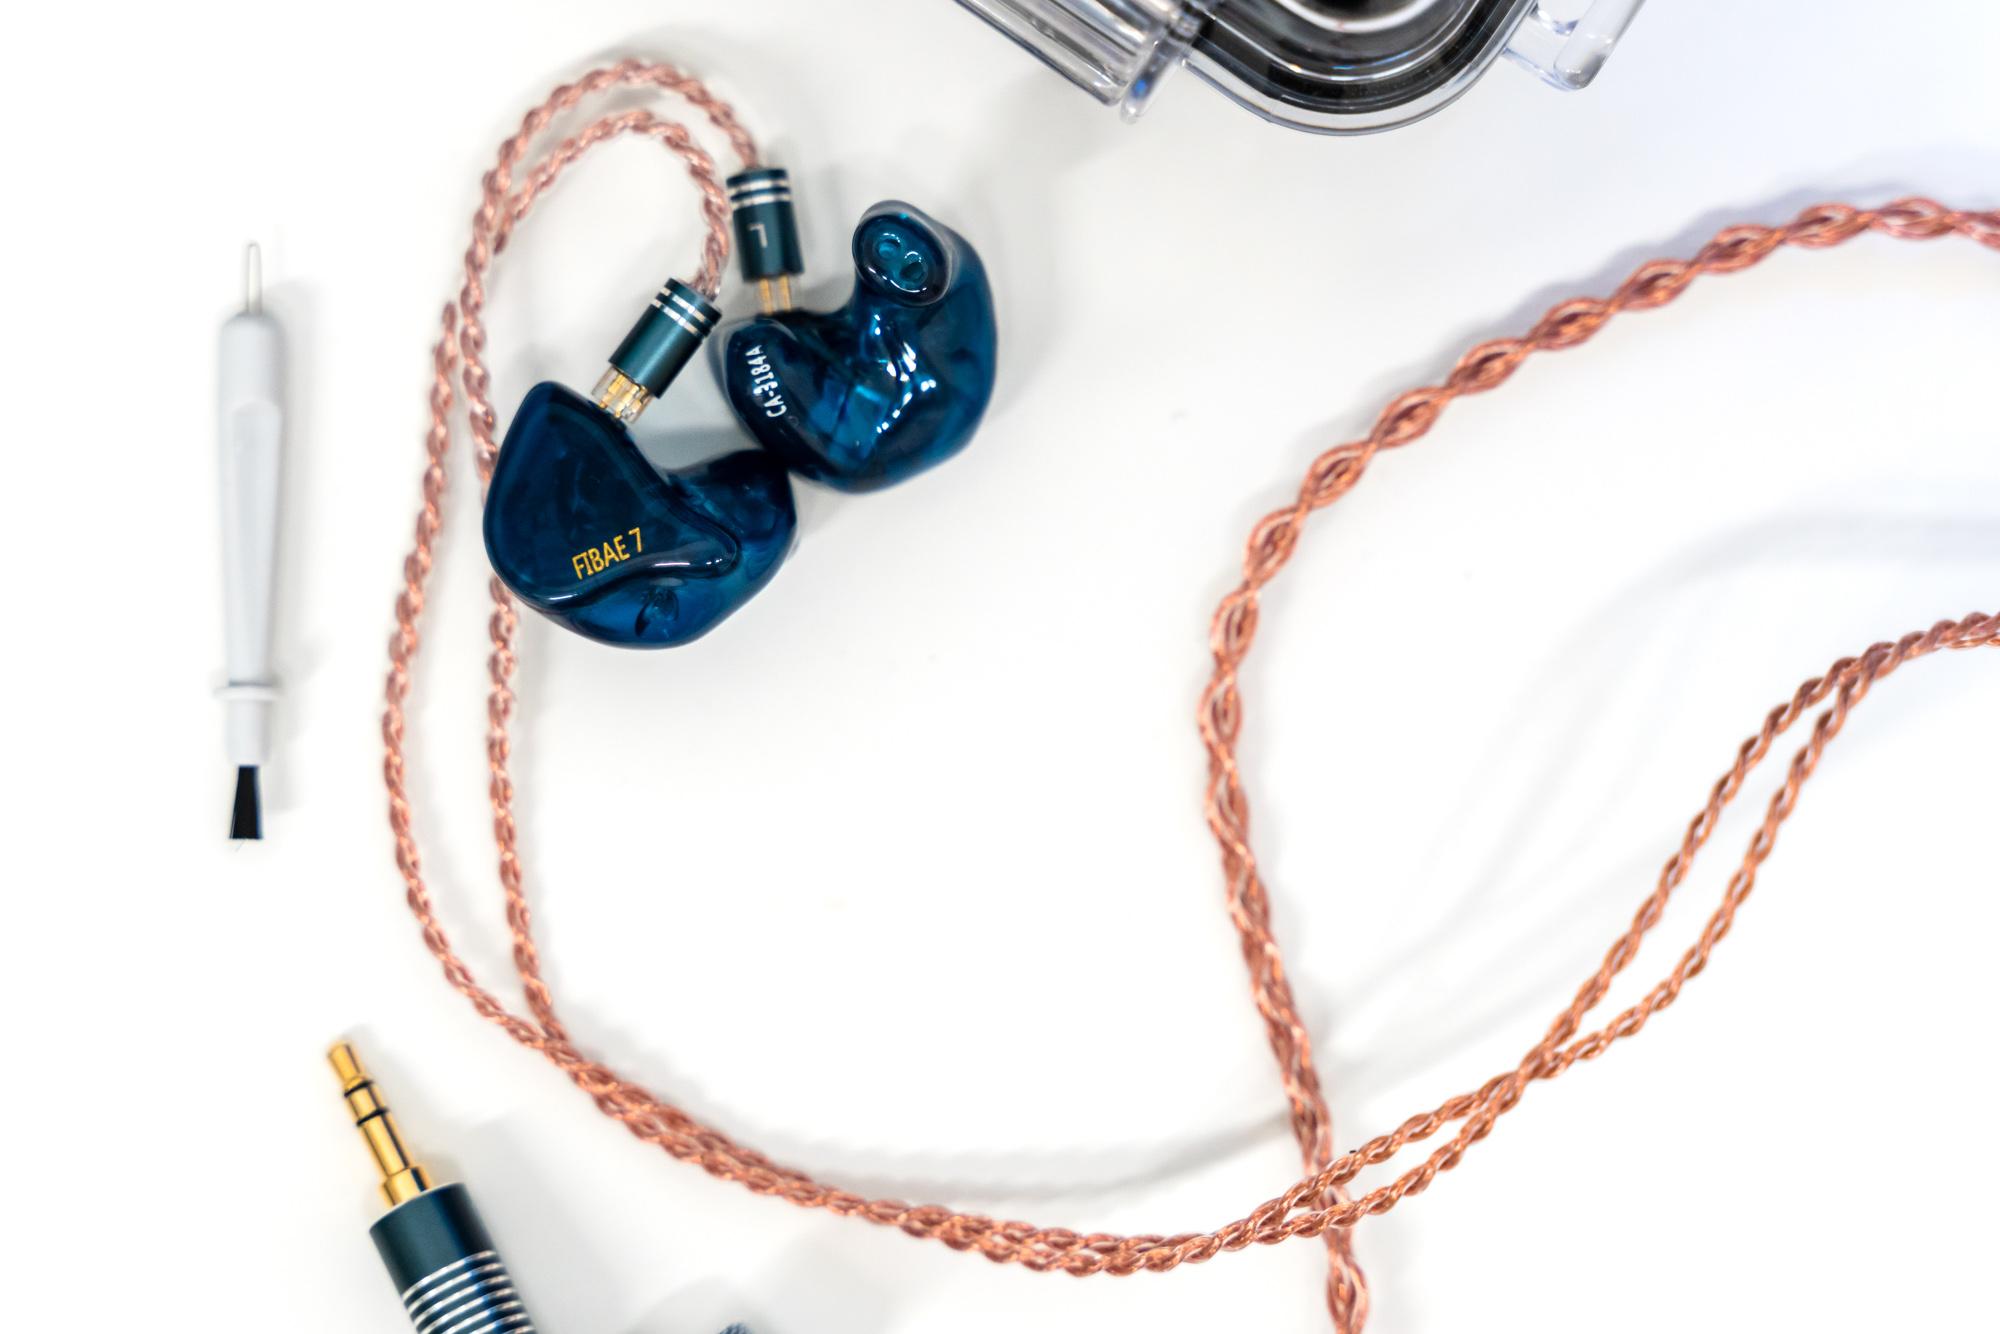 Custom Art Fibae 7 - słuchawki na zamówienie